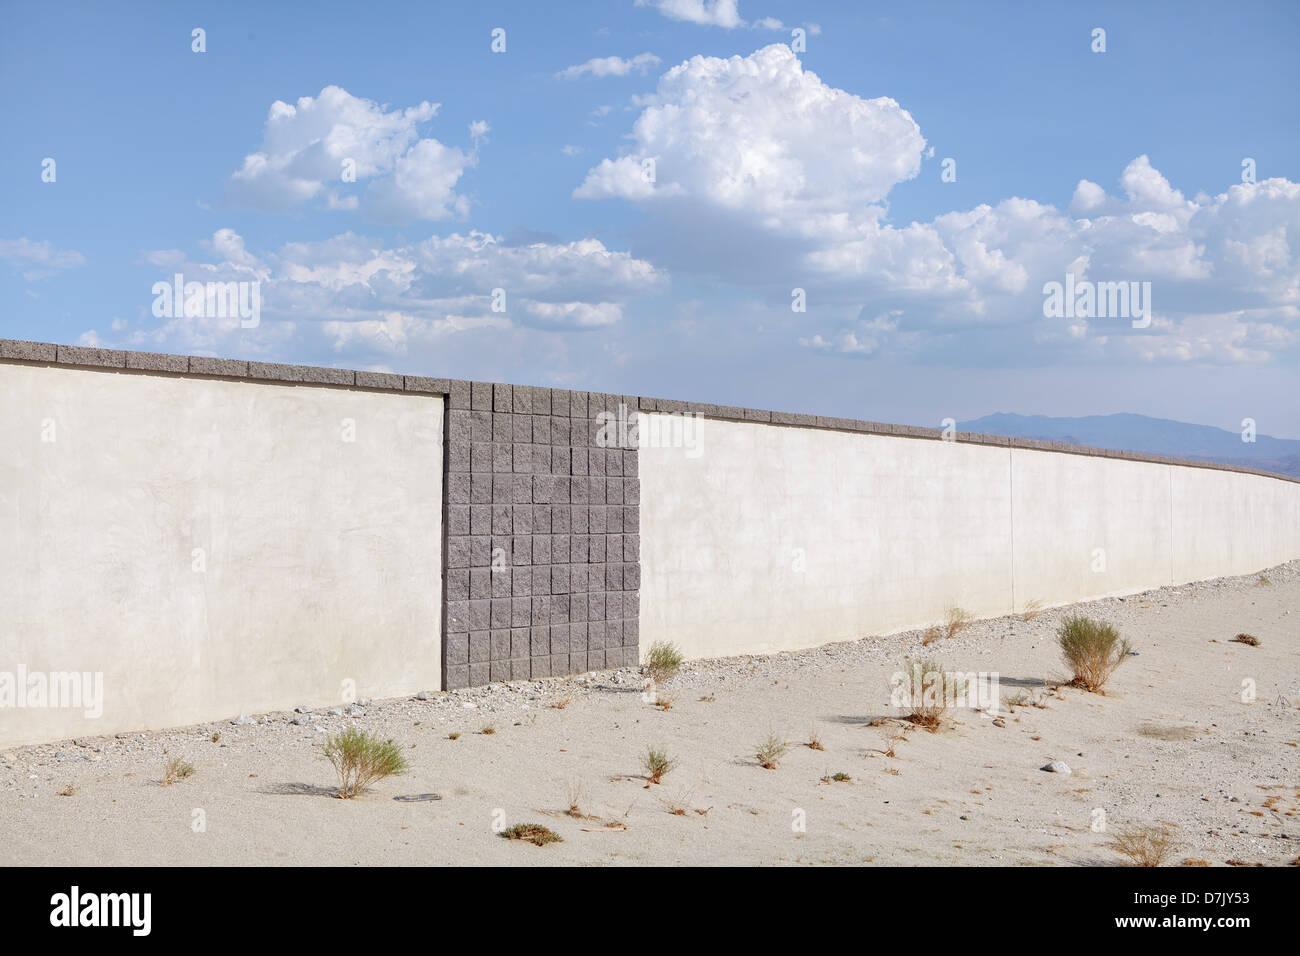 Murs blancs sur fond de ciel bleu Photo Stock